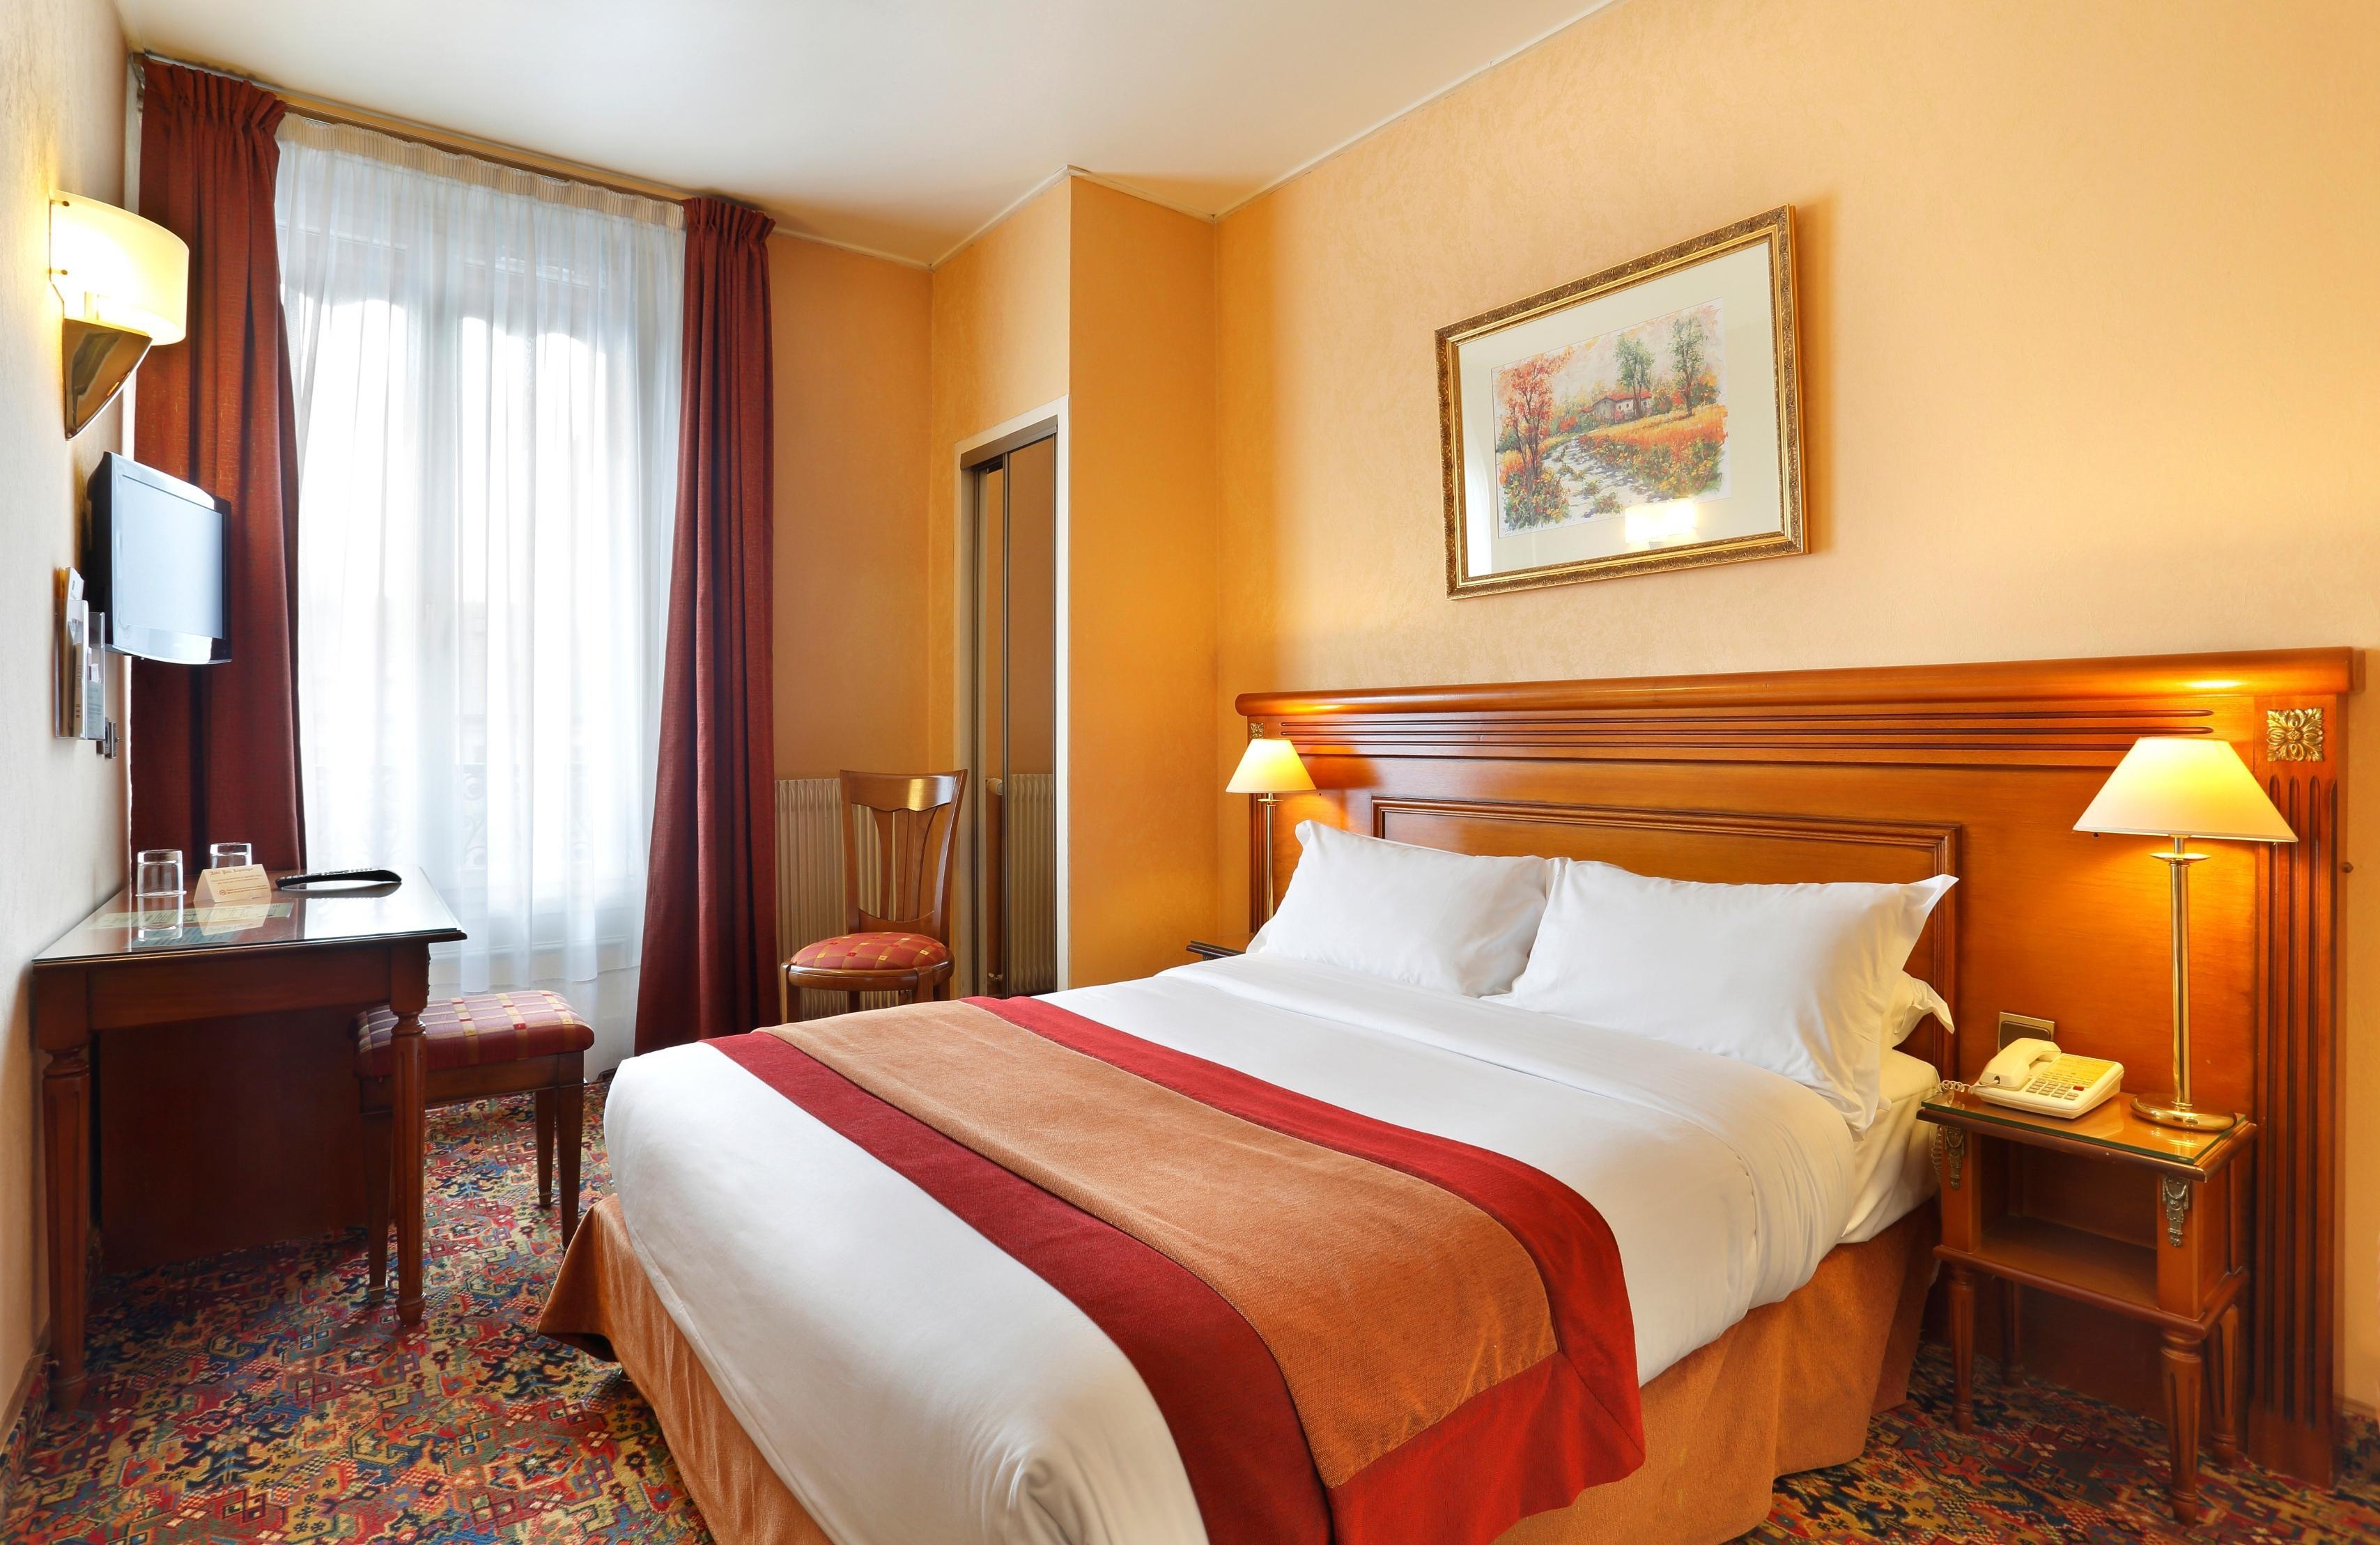 Hotel The Originals Paris Paix République